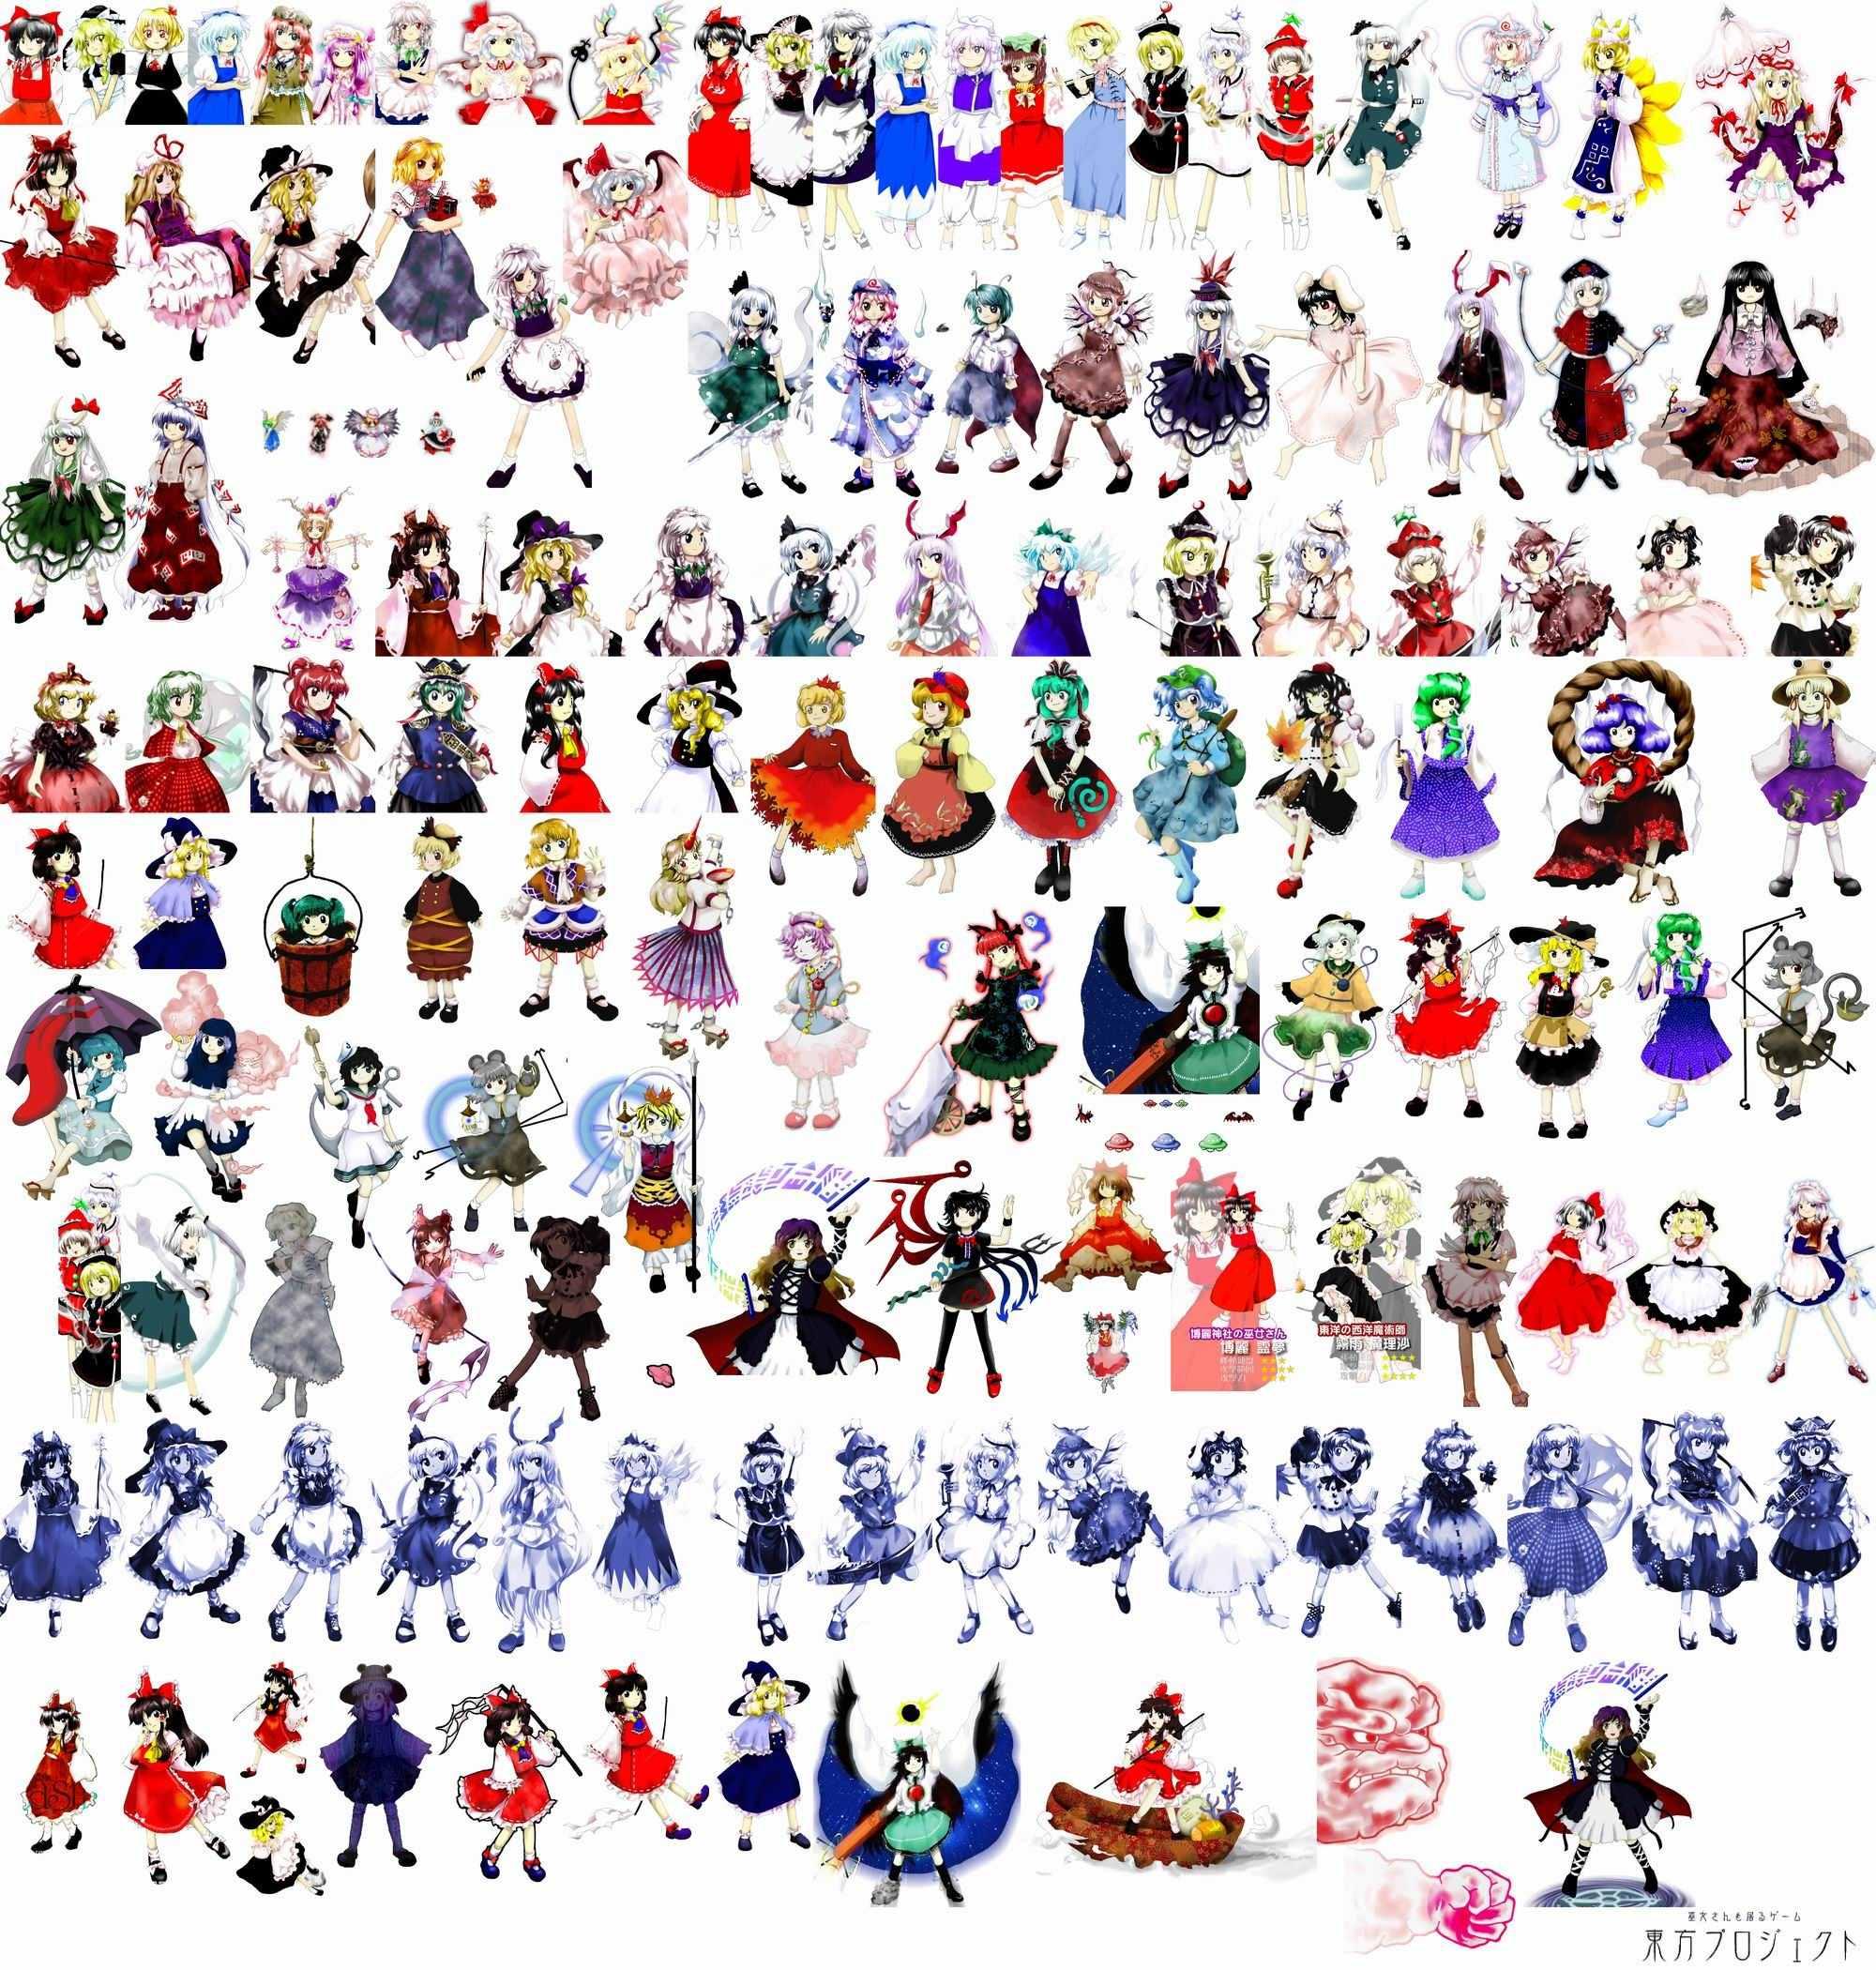 キャラクターの身長 東方キャラ性格まとめ Wiki